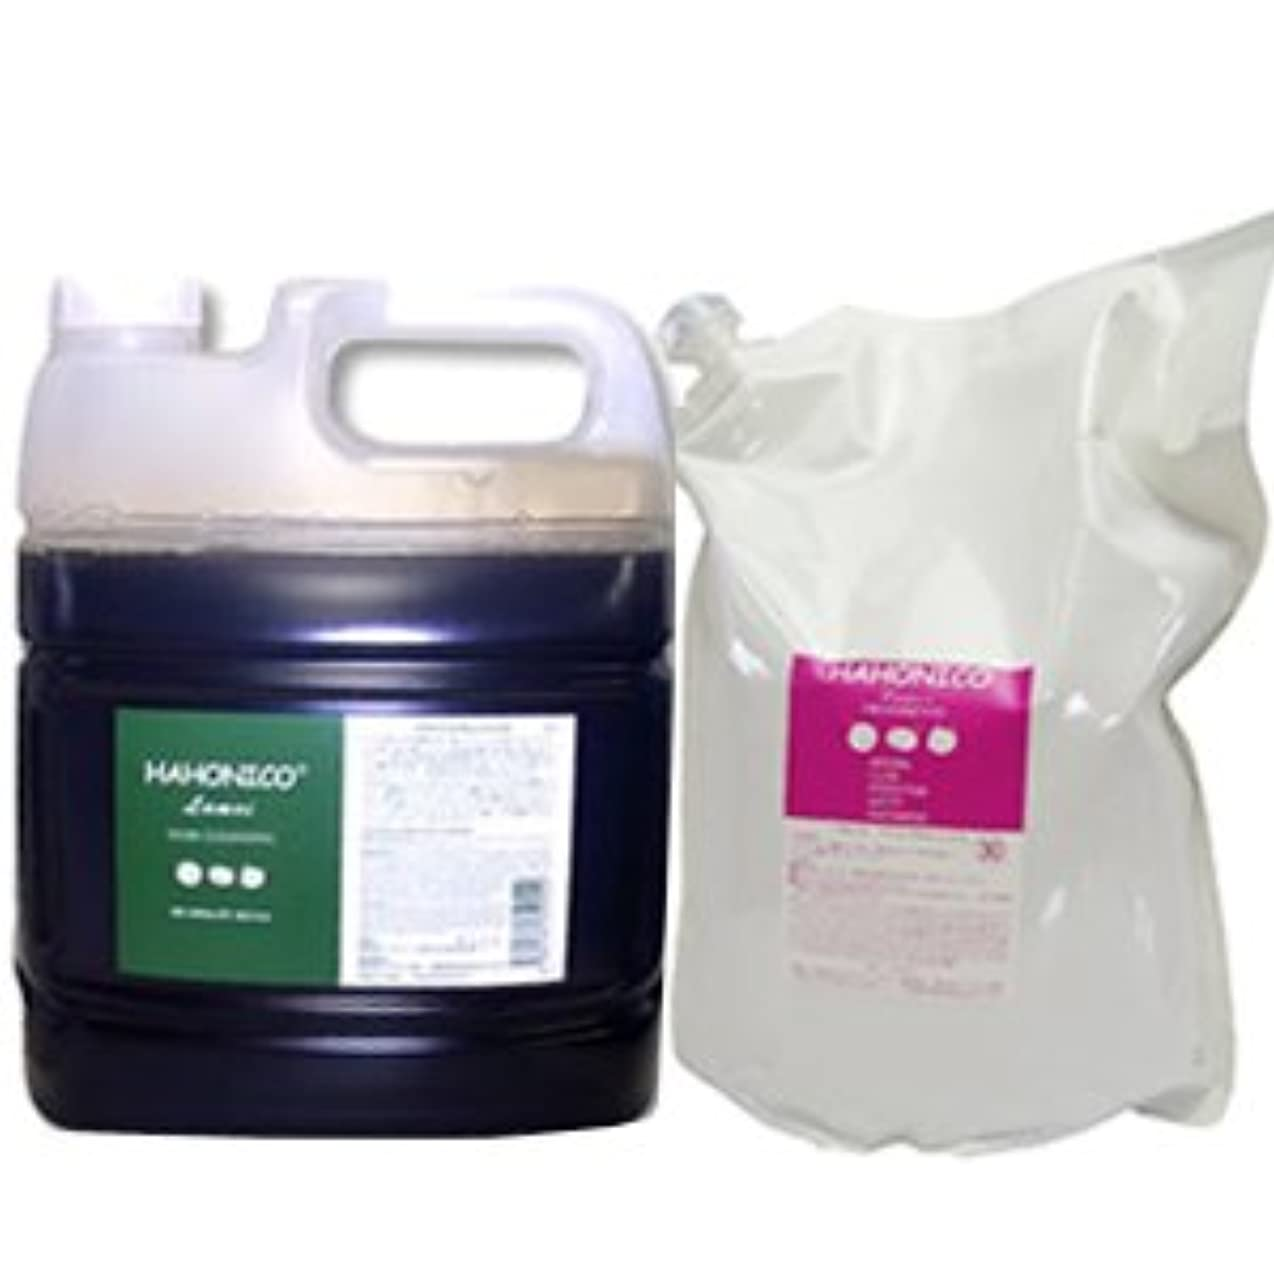 衝突するタンパク質ベースハホニコ ラメイヘアクレンジング 4000mL & ラメイプロトメント 2800g セット [Shampoo-land限定]